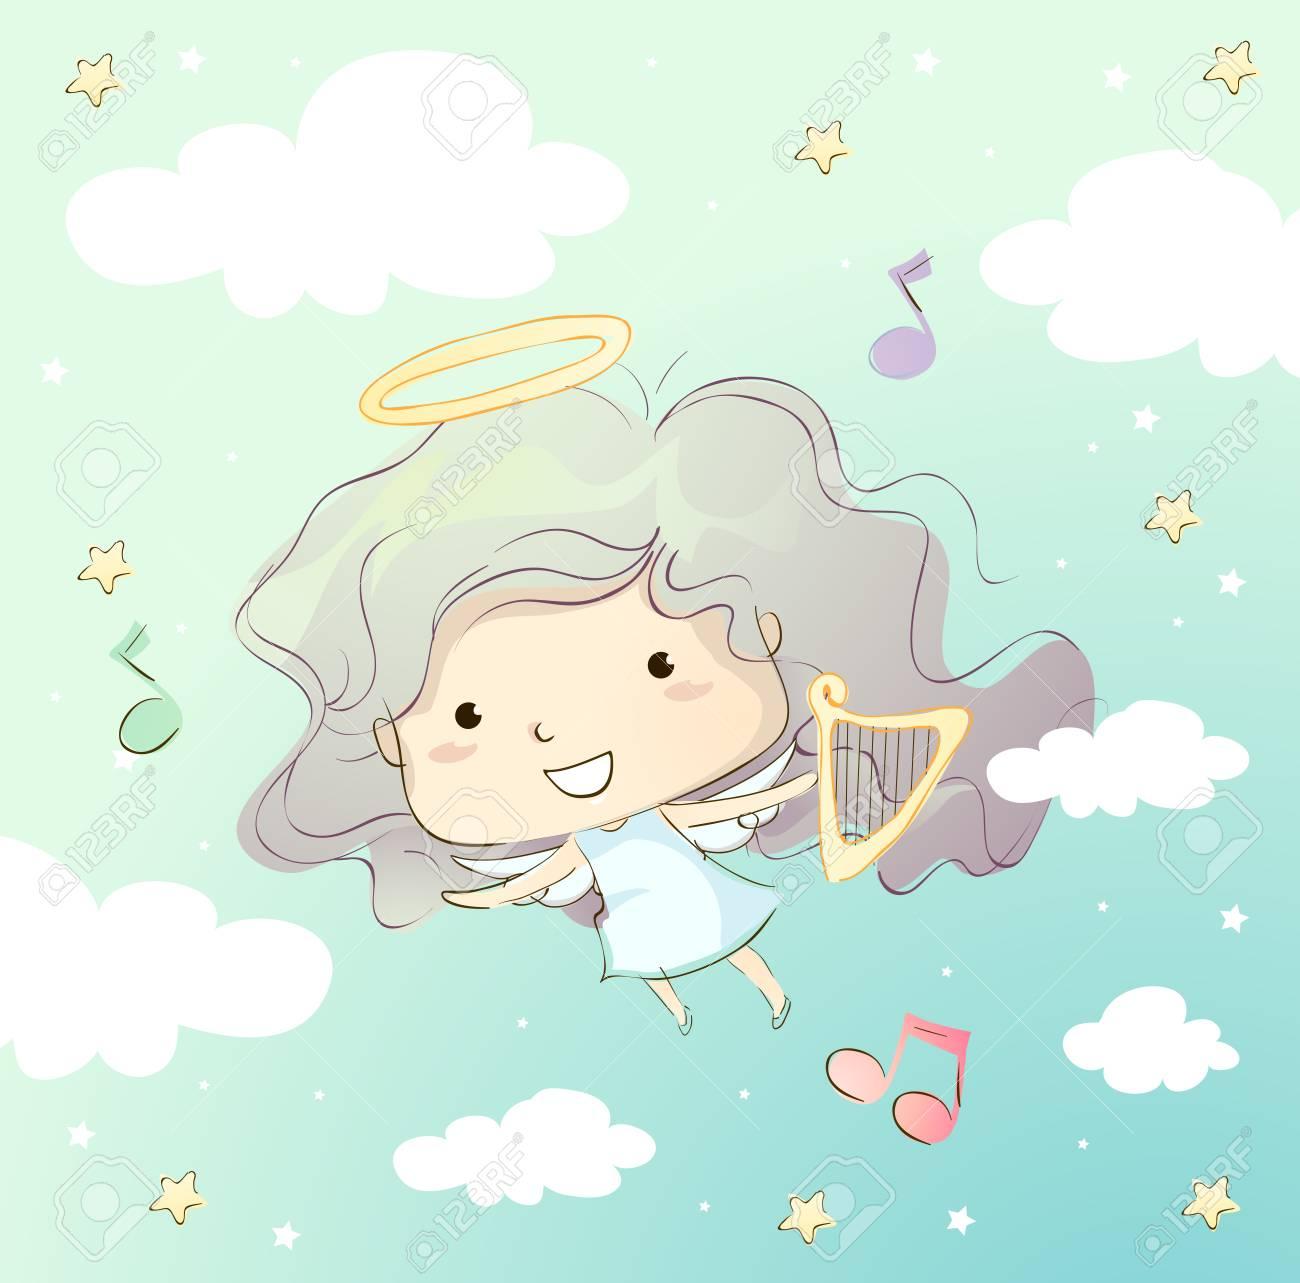 ハープを運ぶ天使のような服を着たかわいい女の子の気まぐれなイラスト